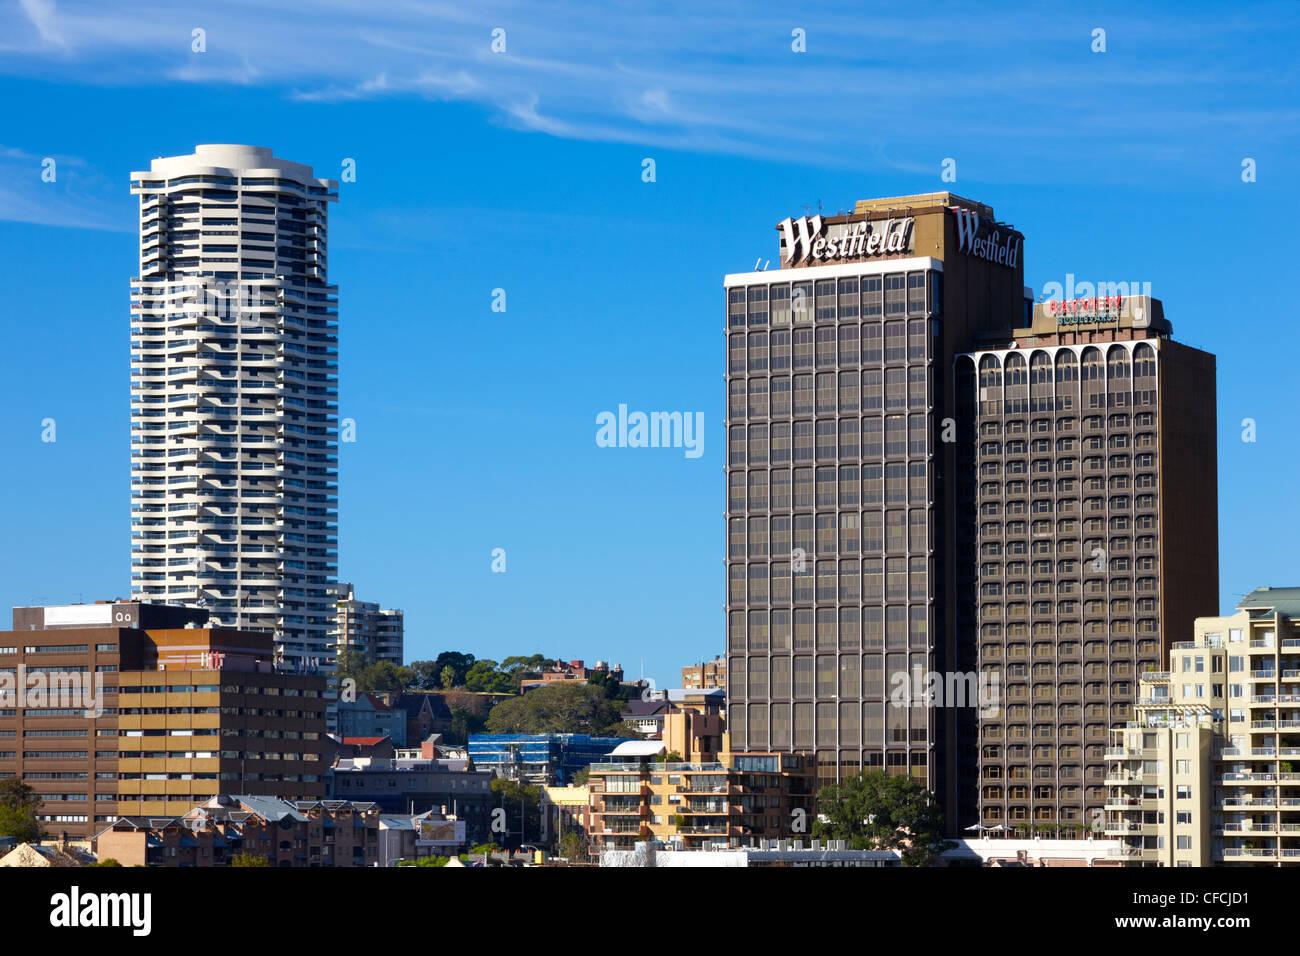 Les appartements de l'horizon et Westfield et Bayview Boulevard, Sydney, Australie Photo Stock